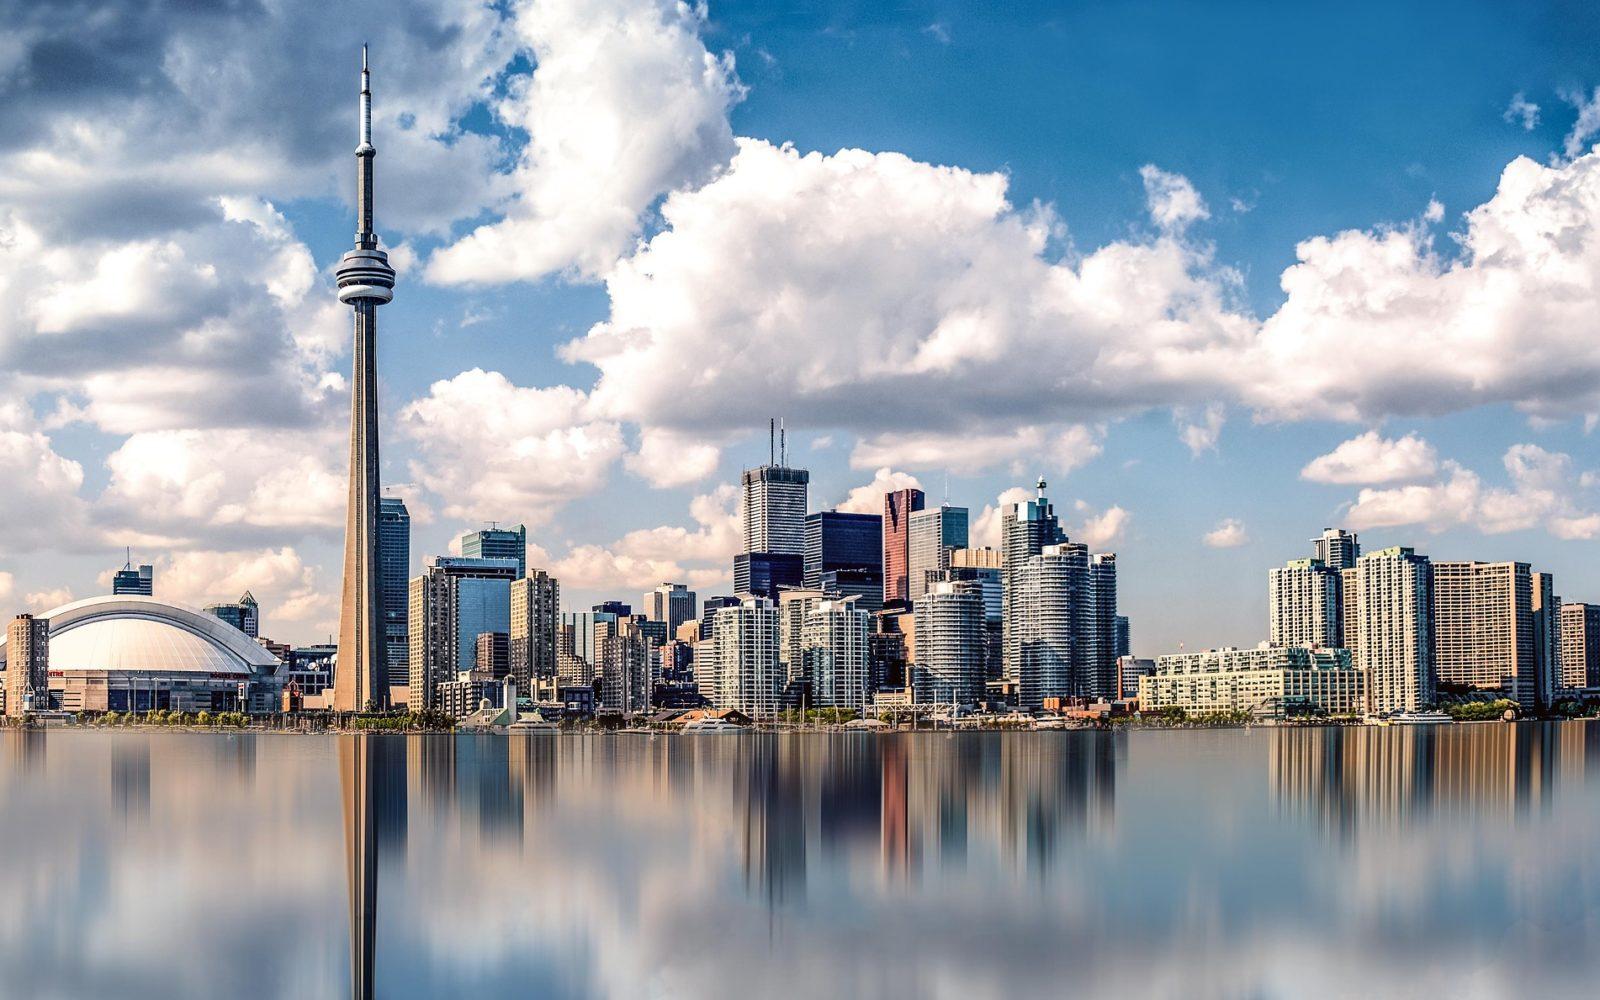 Toronto pour obtenir de vrais résultats